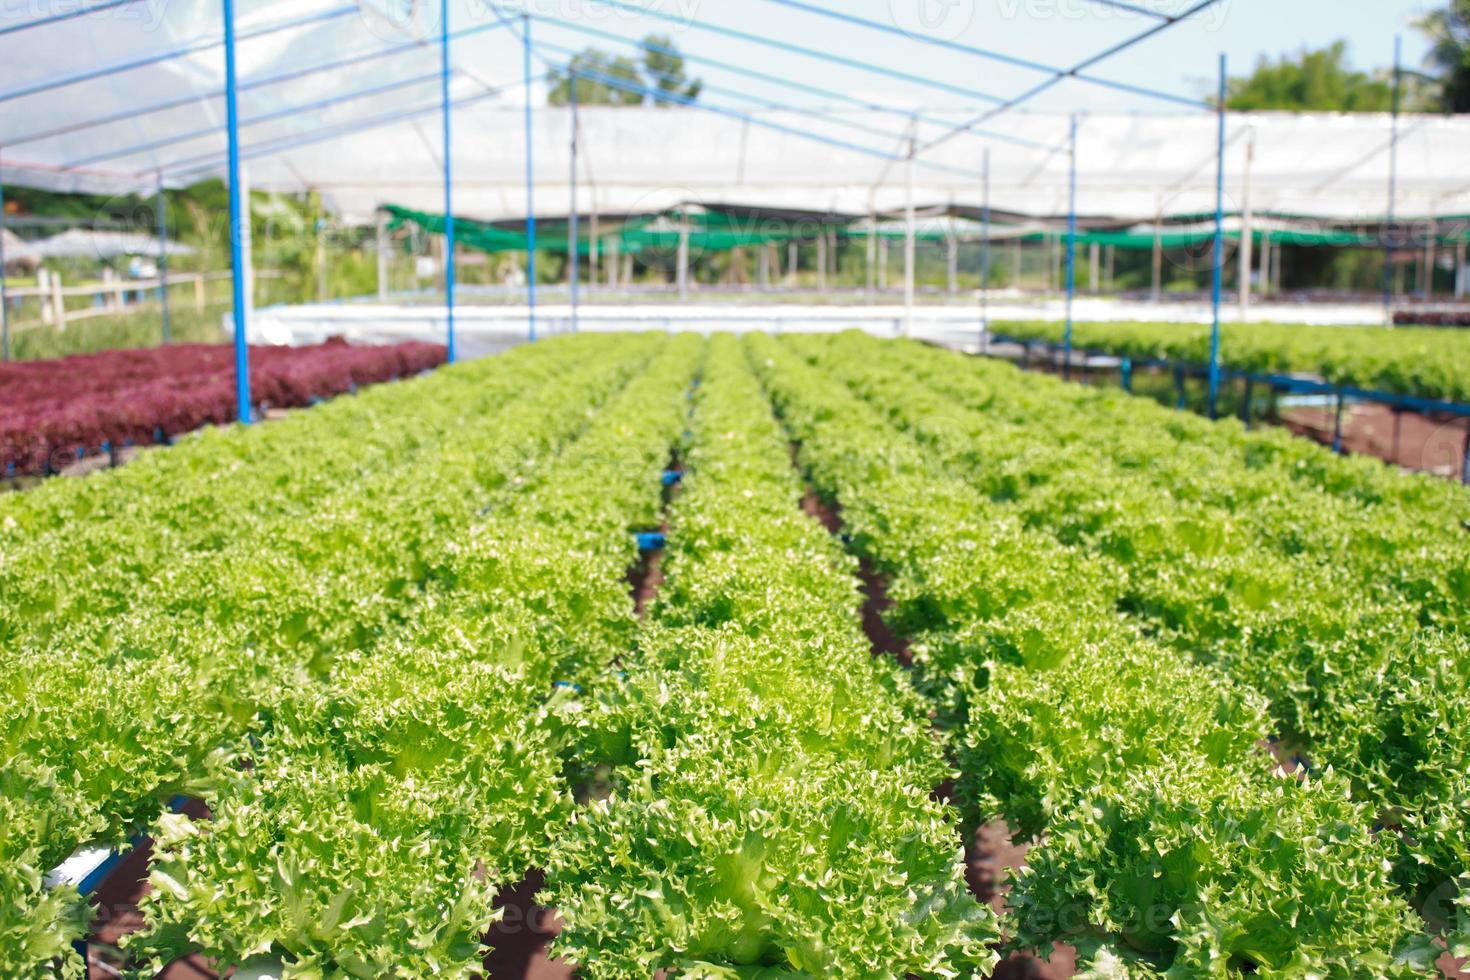 hydroponic grönsakslantgård foto